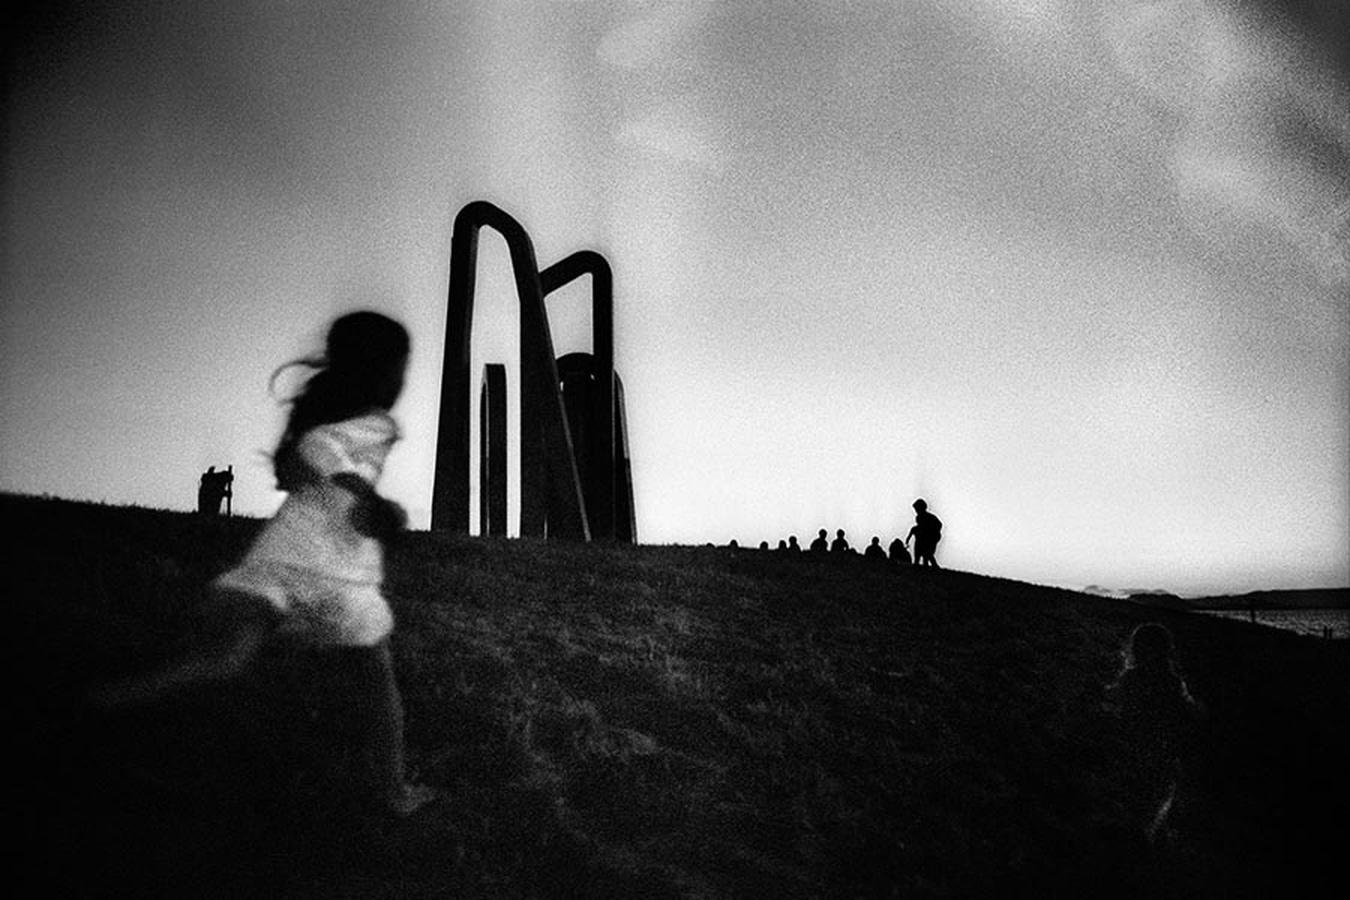 نگاهی به آثار یوسف سوینچلی، عکاس اهل ترکیه